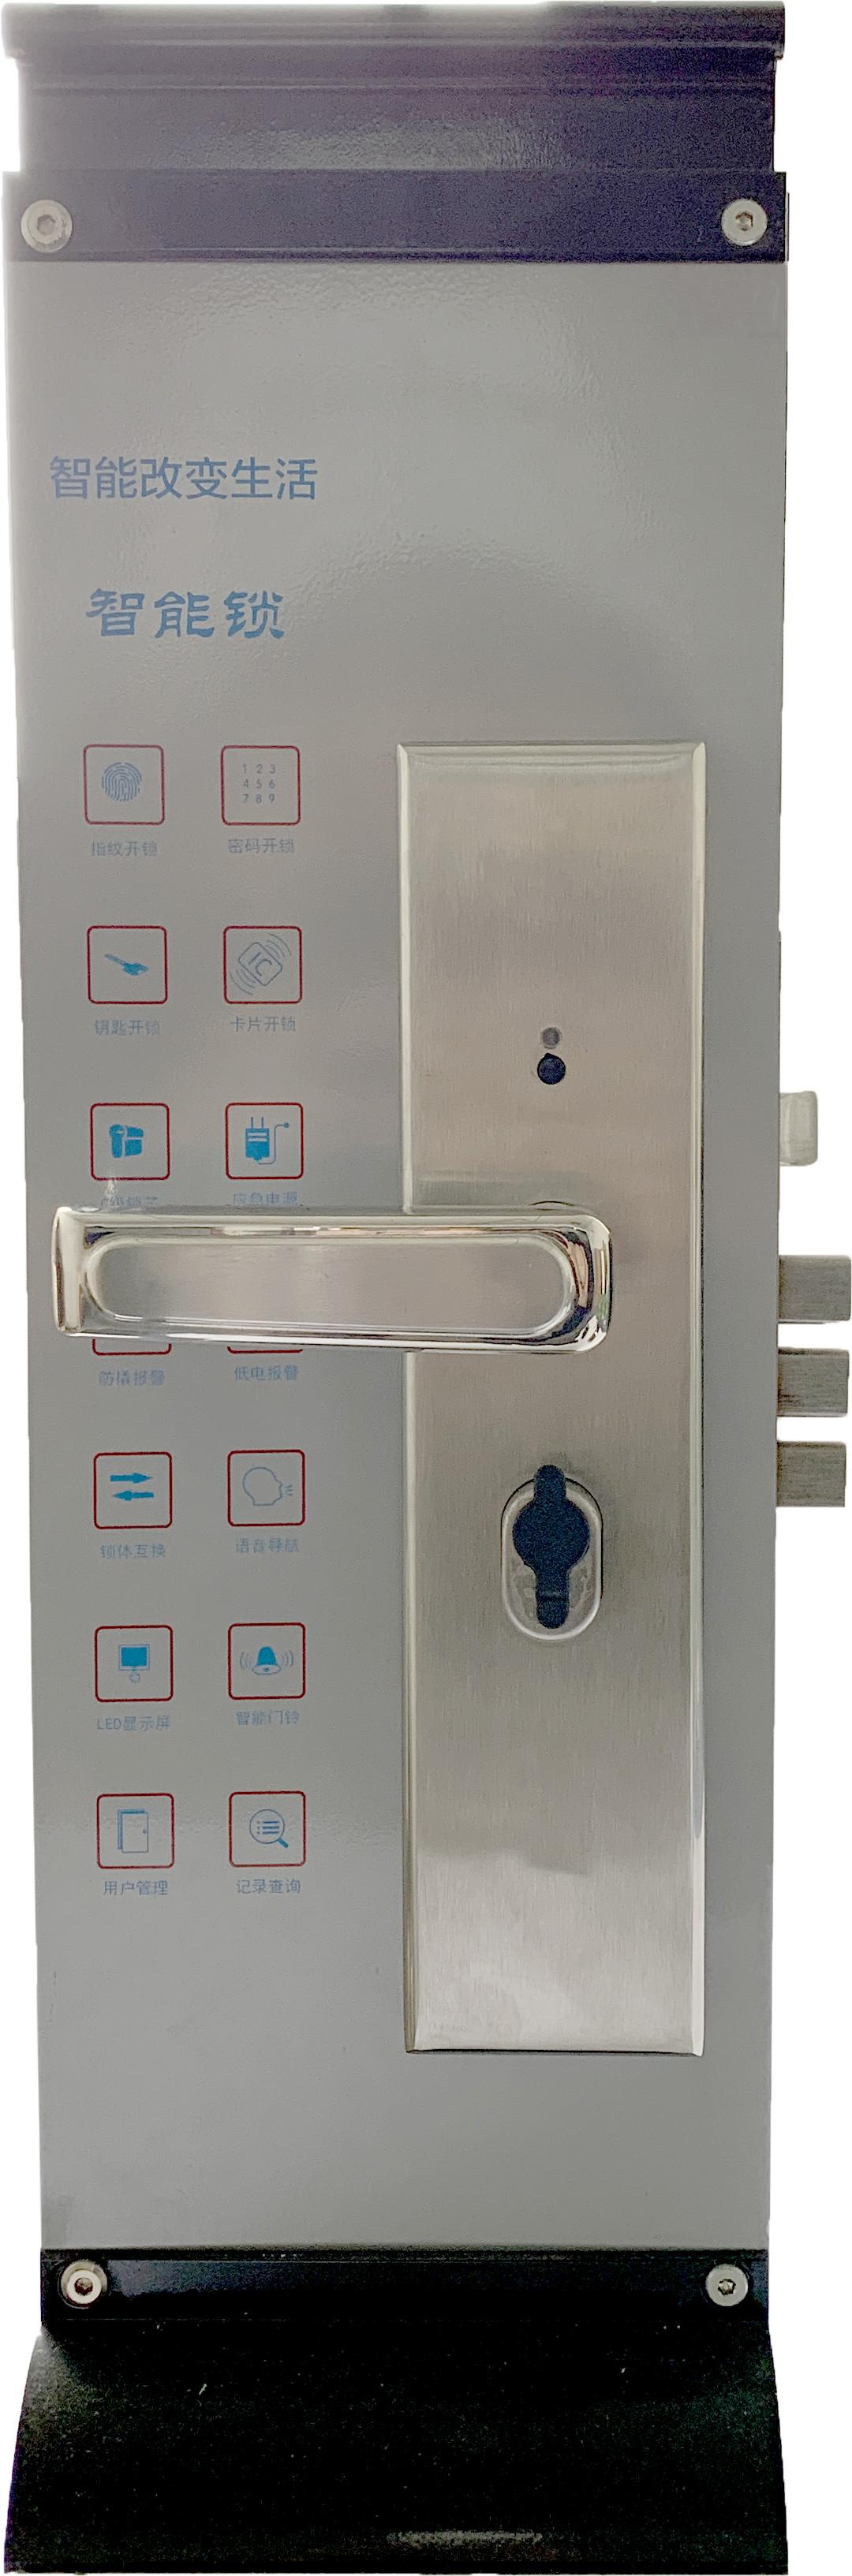 一体化面板锁(NB-iot版)